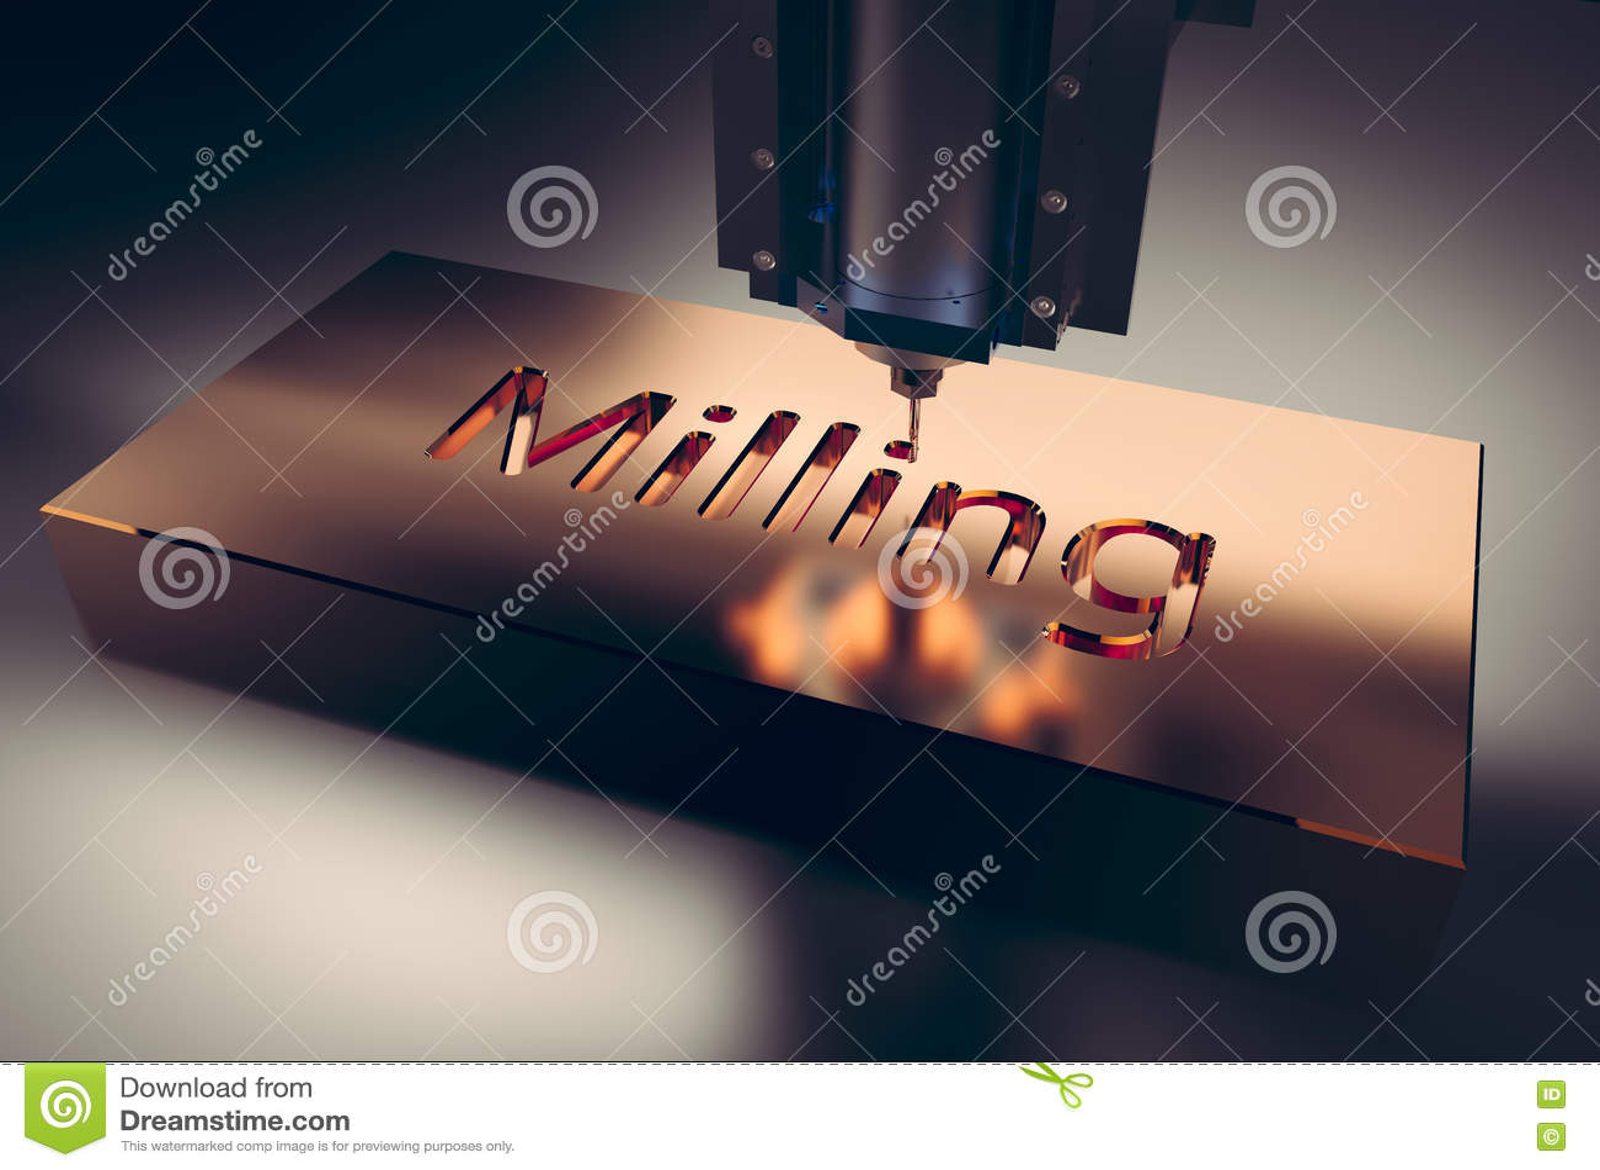 CNC mielenia maszyna